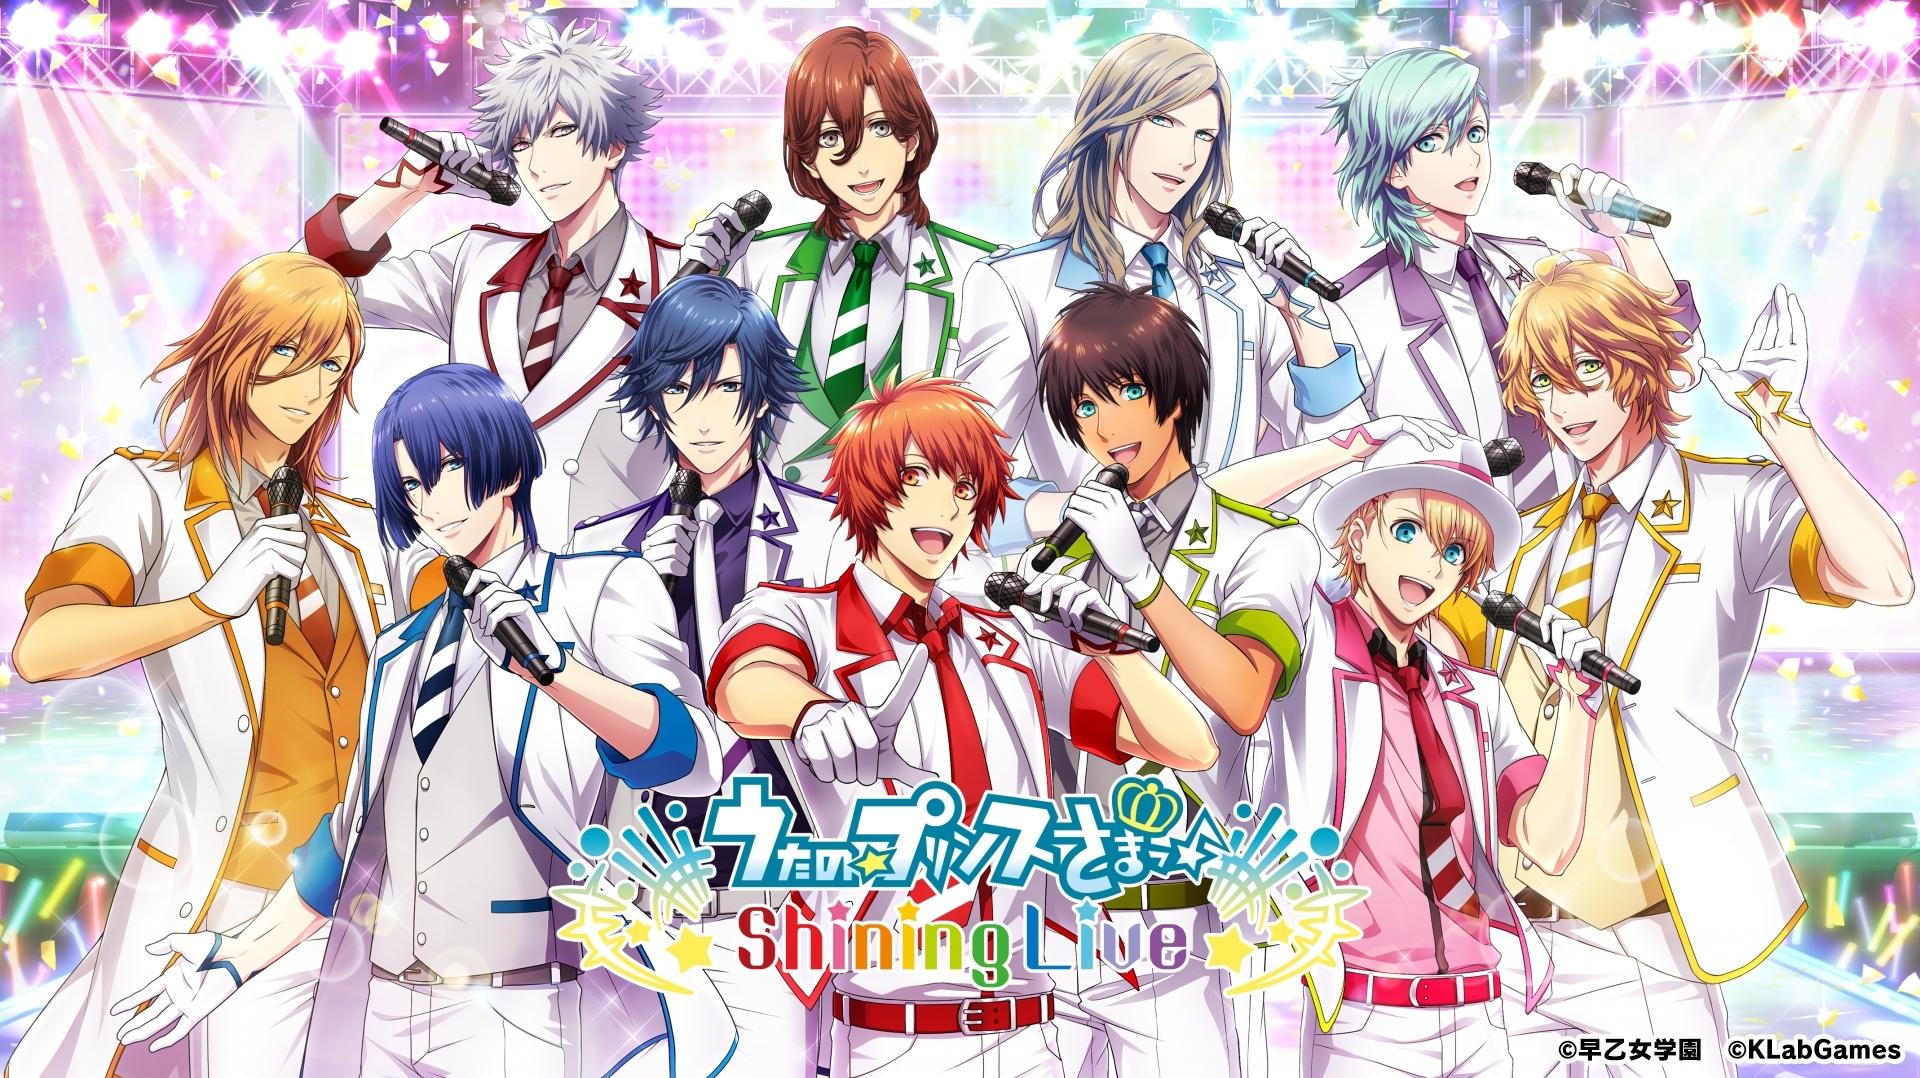 『うたの☆プリンスさまっ♪ Shining Live』(C)早乙女学園 (C)KLabGames